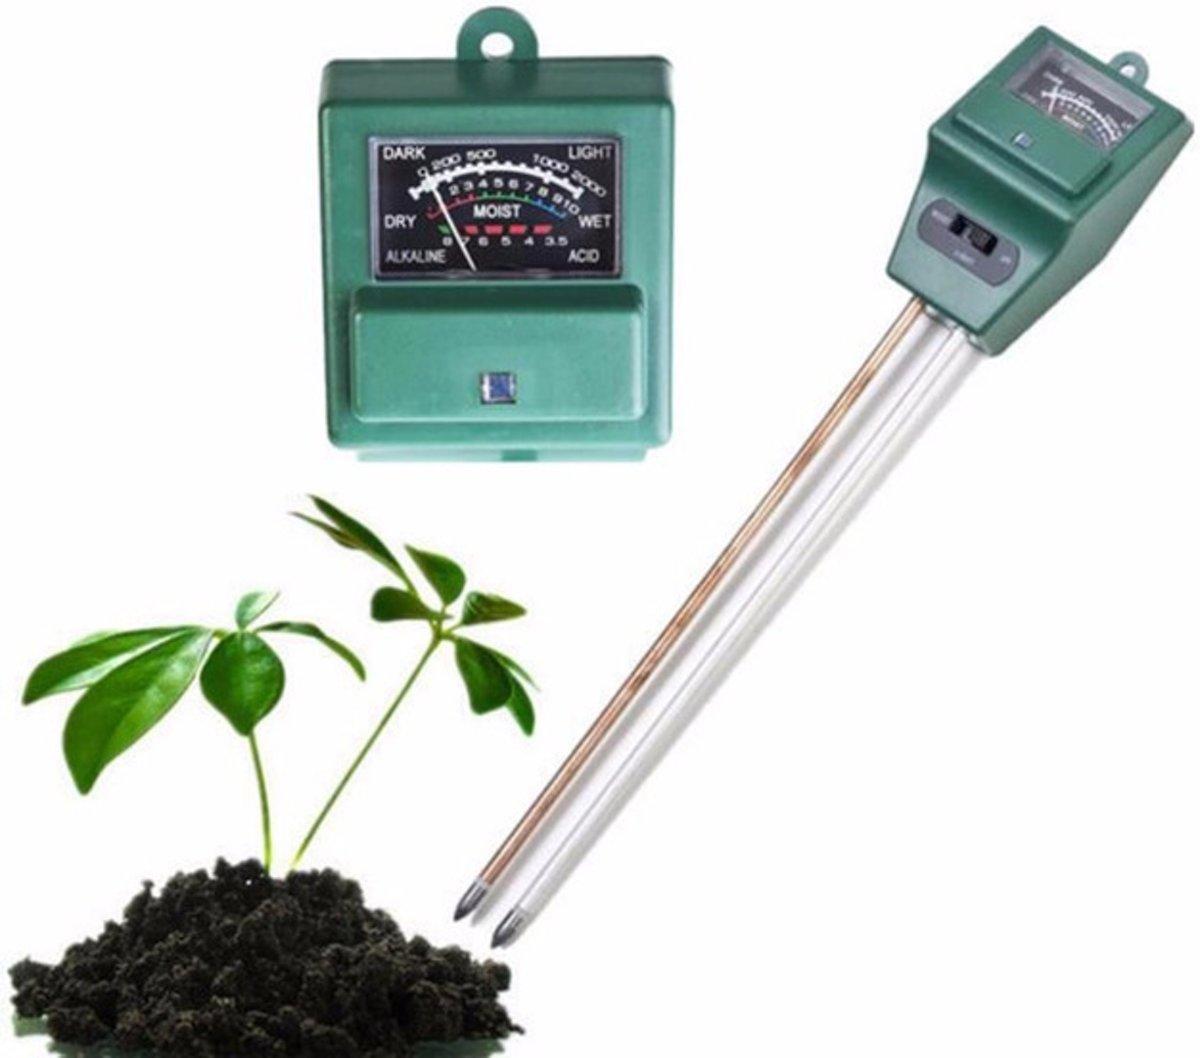 PH meter Buitenthermometer 3 IN 1 grond meter voor planten en tuin kopen